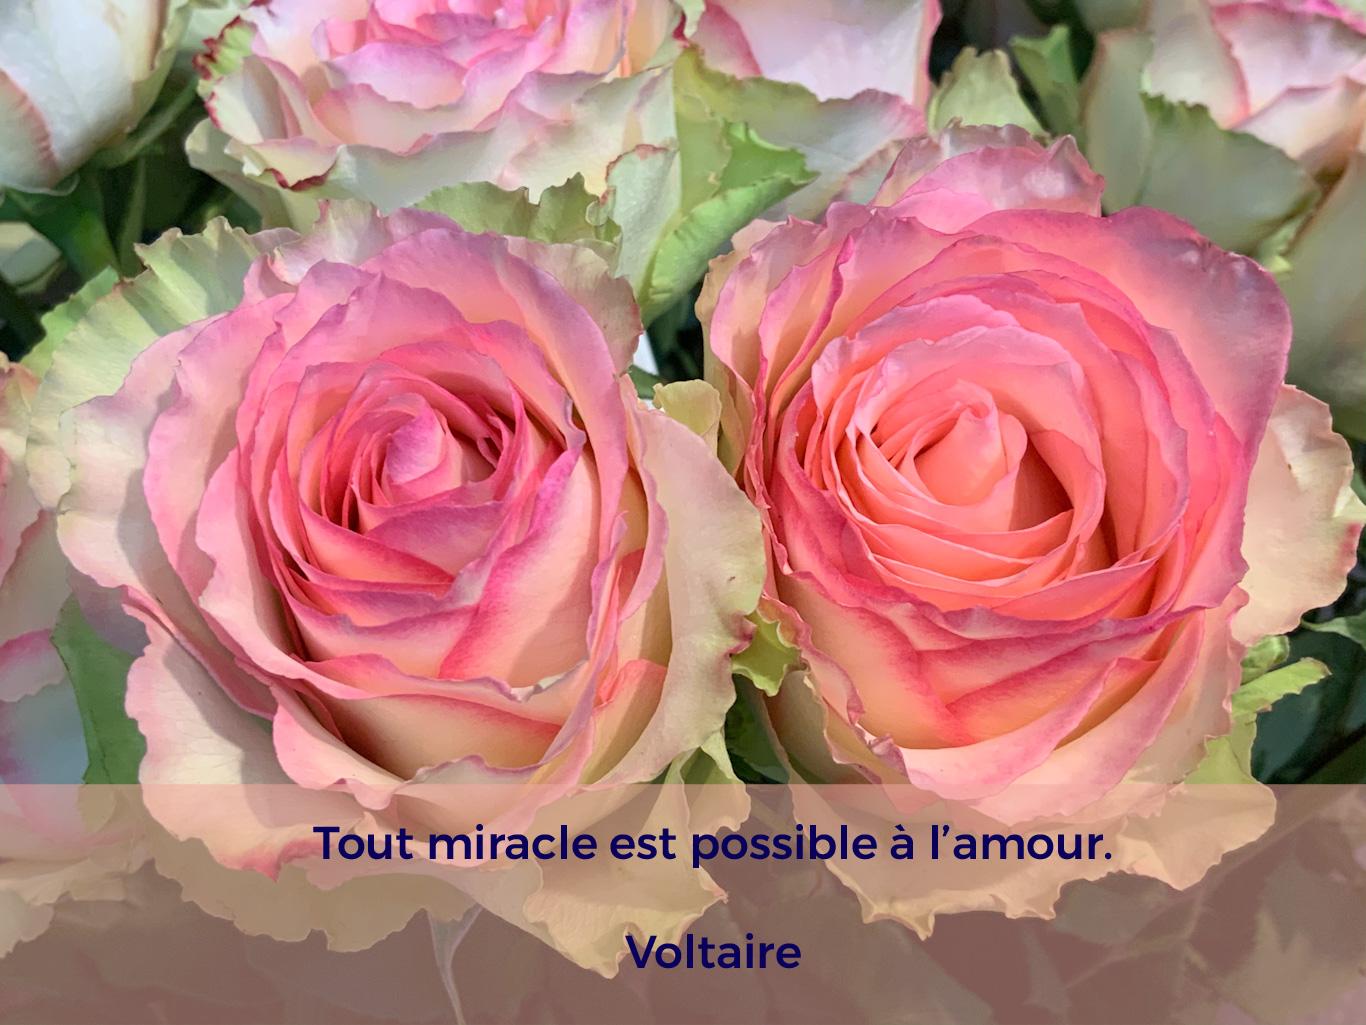 Citation de Voltaire, sur un fond de deux roses roses